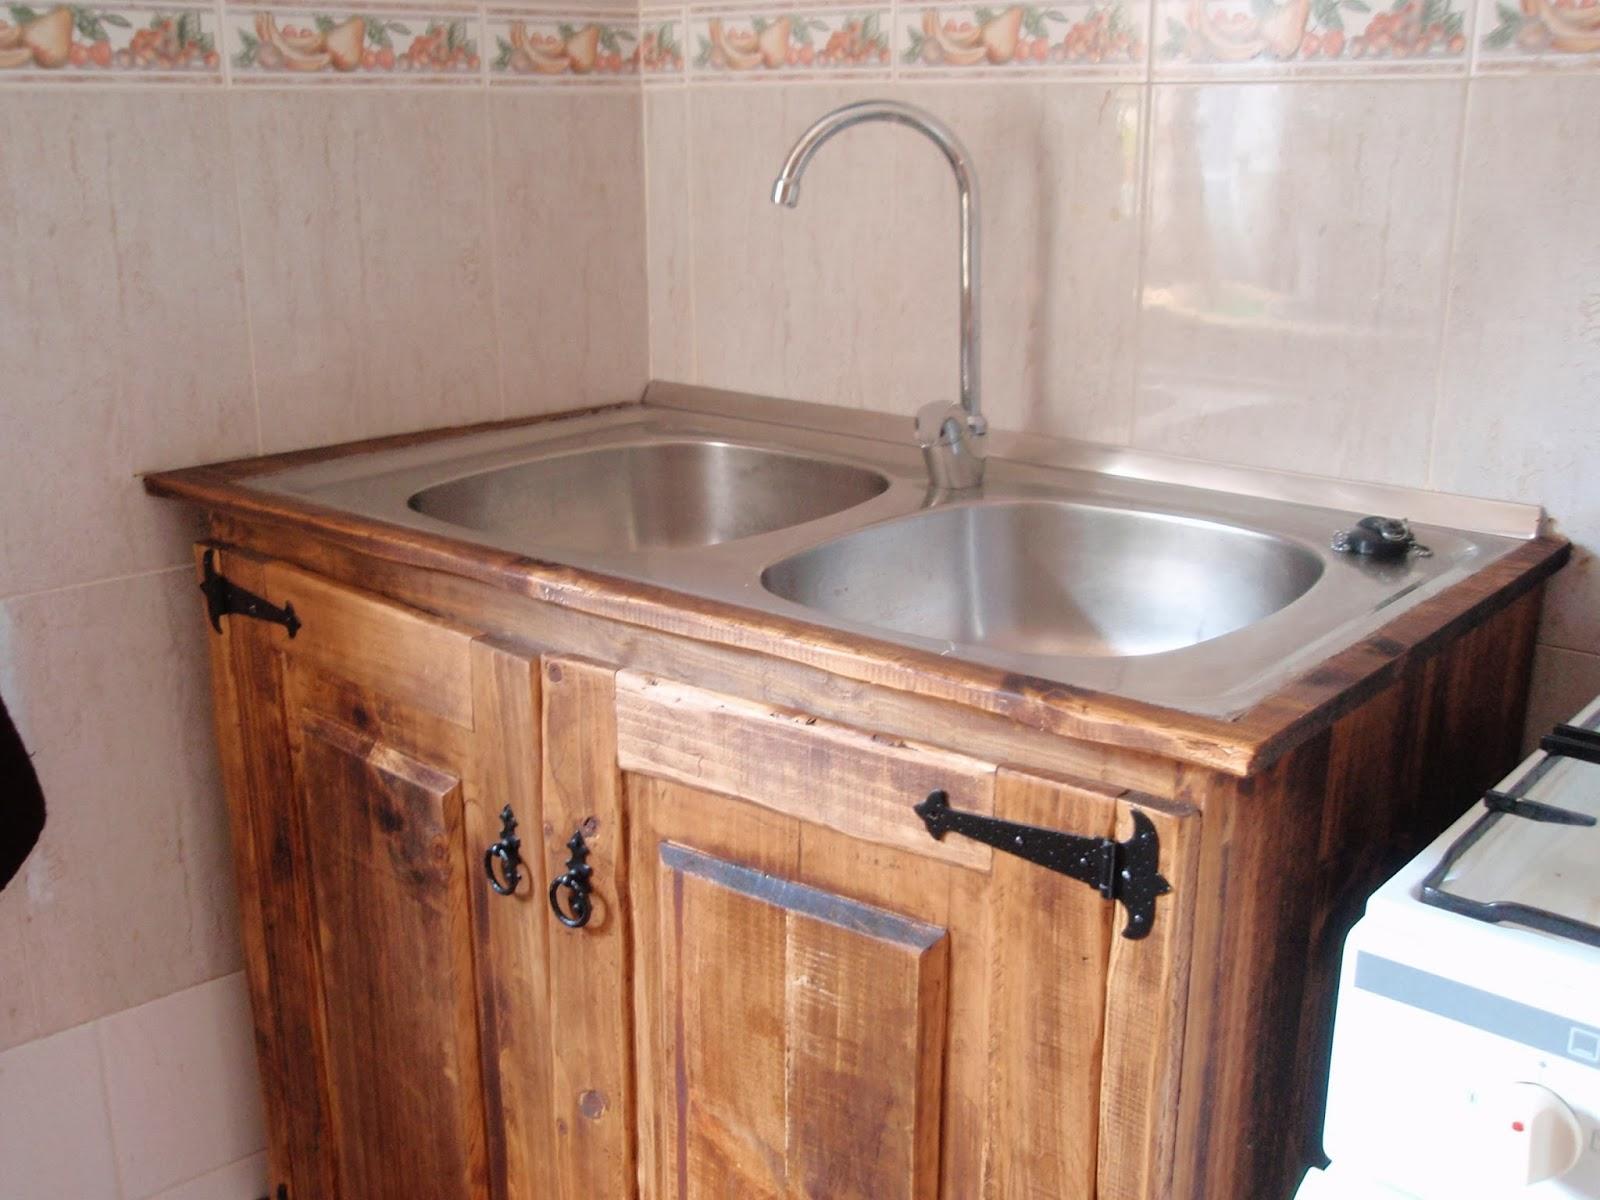 Trabajos r sticos mueble fregadero r stico for Mueble para tarja